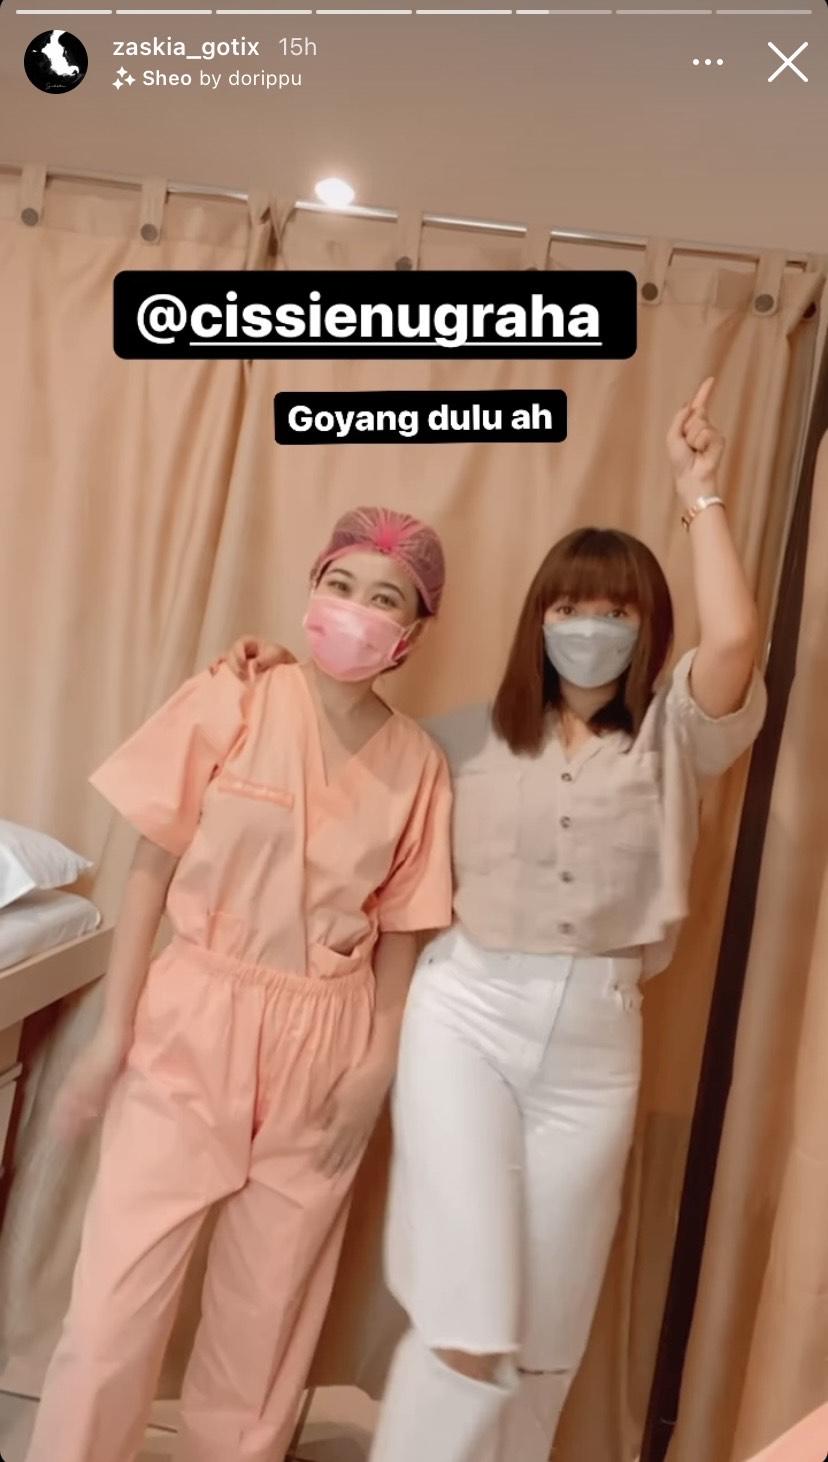 Zaskia Gotik dan Dokter Cissie Nugraha bergoyang saat istri Sirajuddin perawatan di klinik